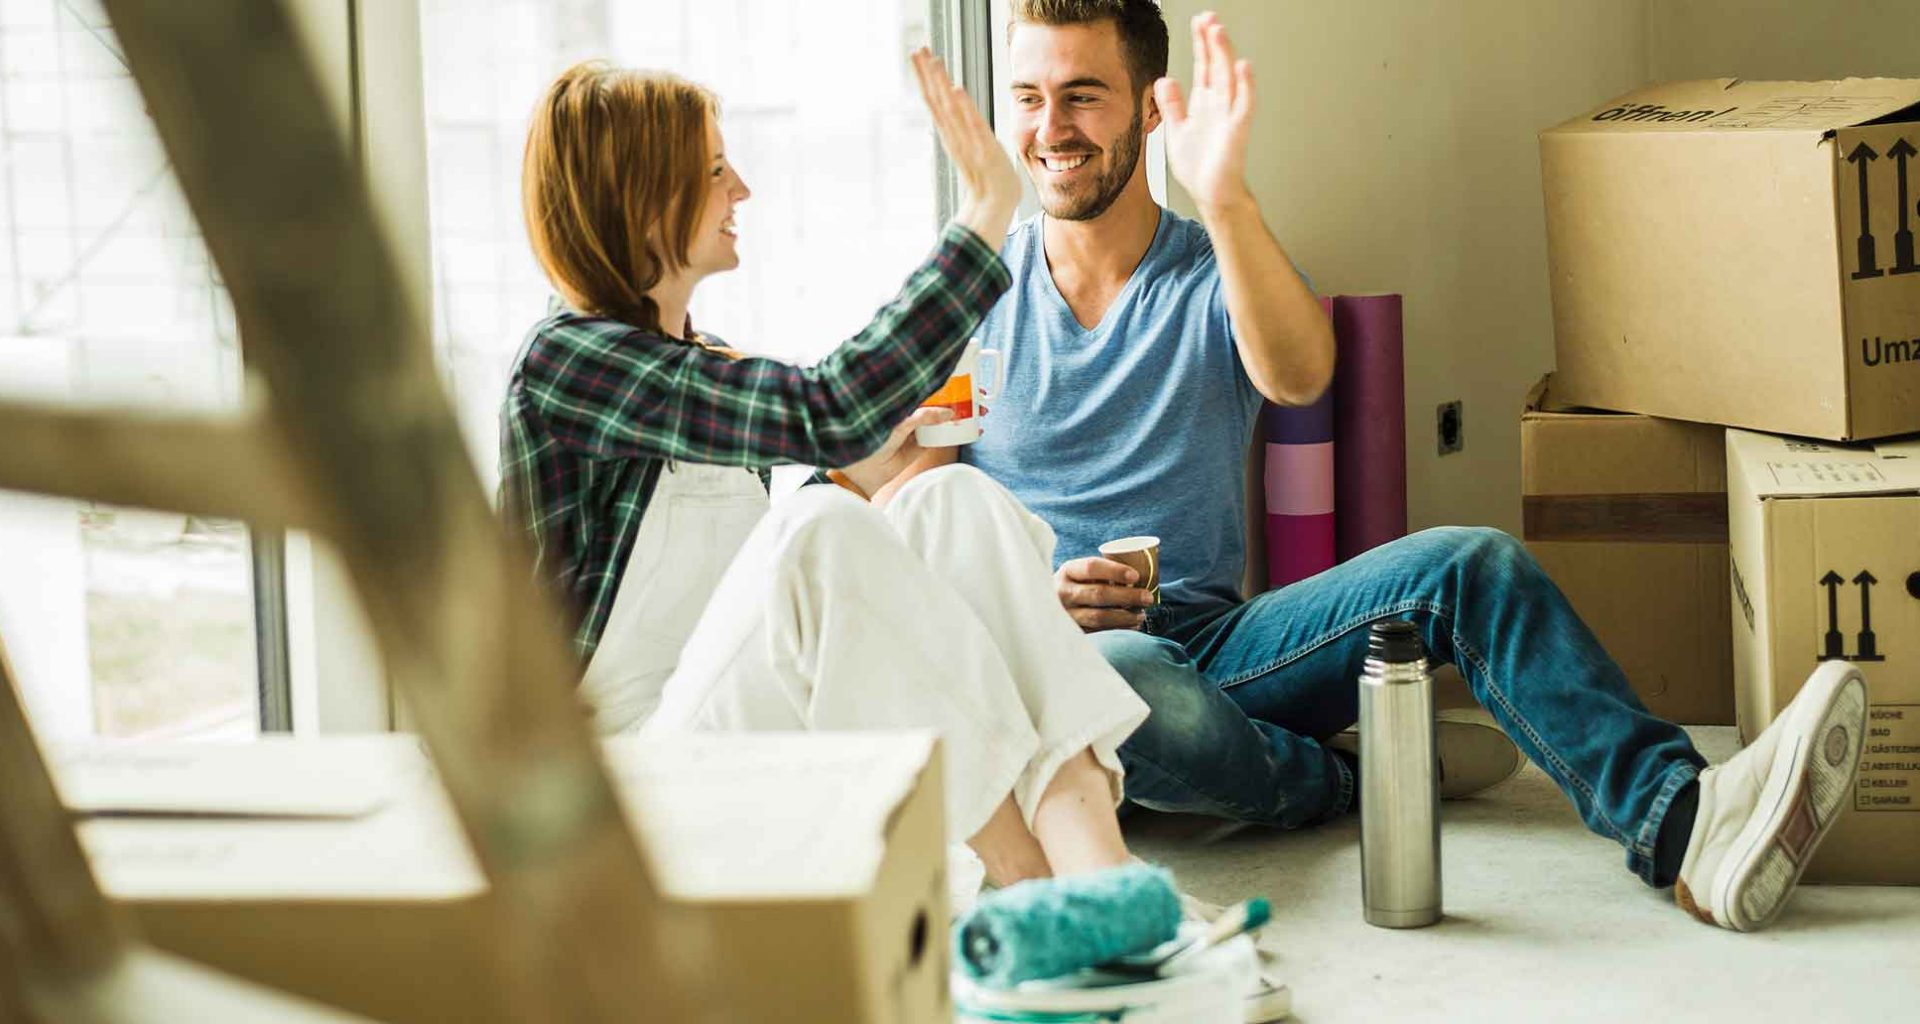 Für eine glückliche Zukunft: Paare brauchen einen gemeinsamen Traum